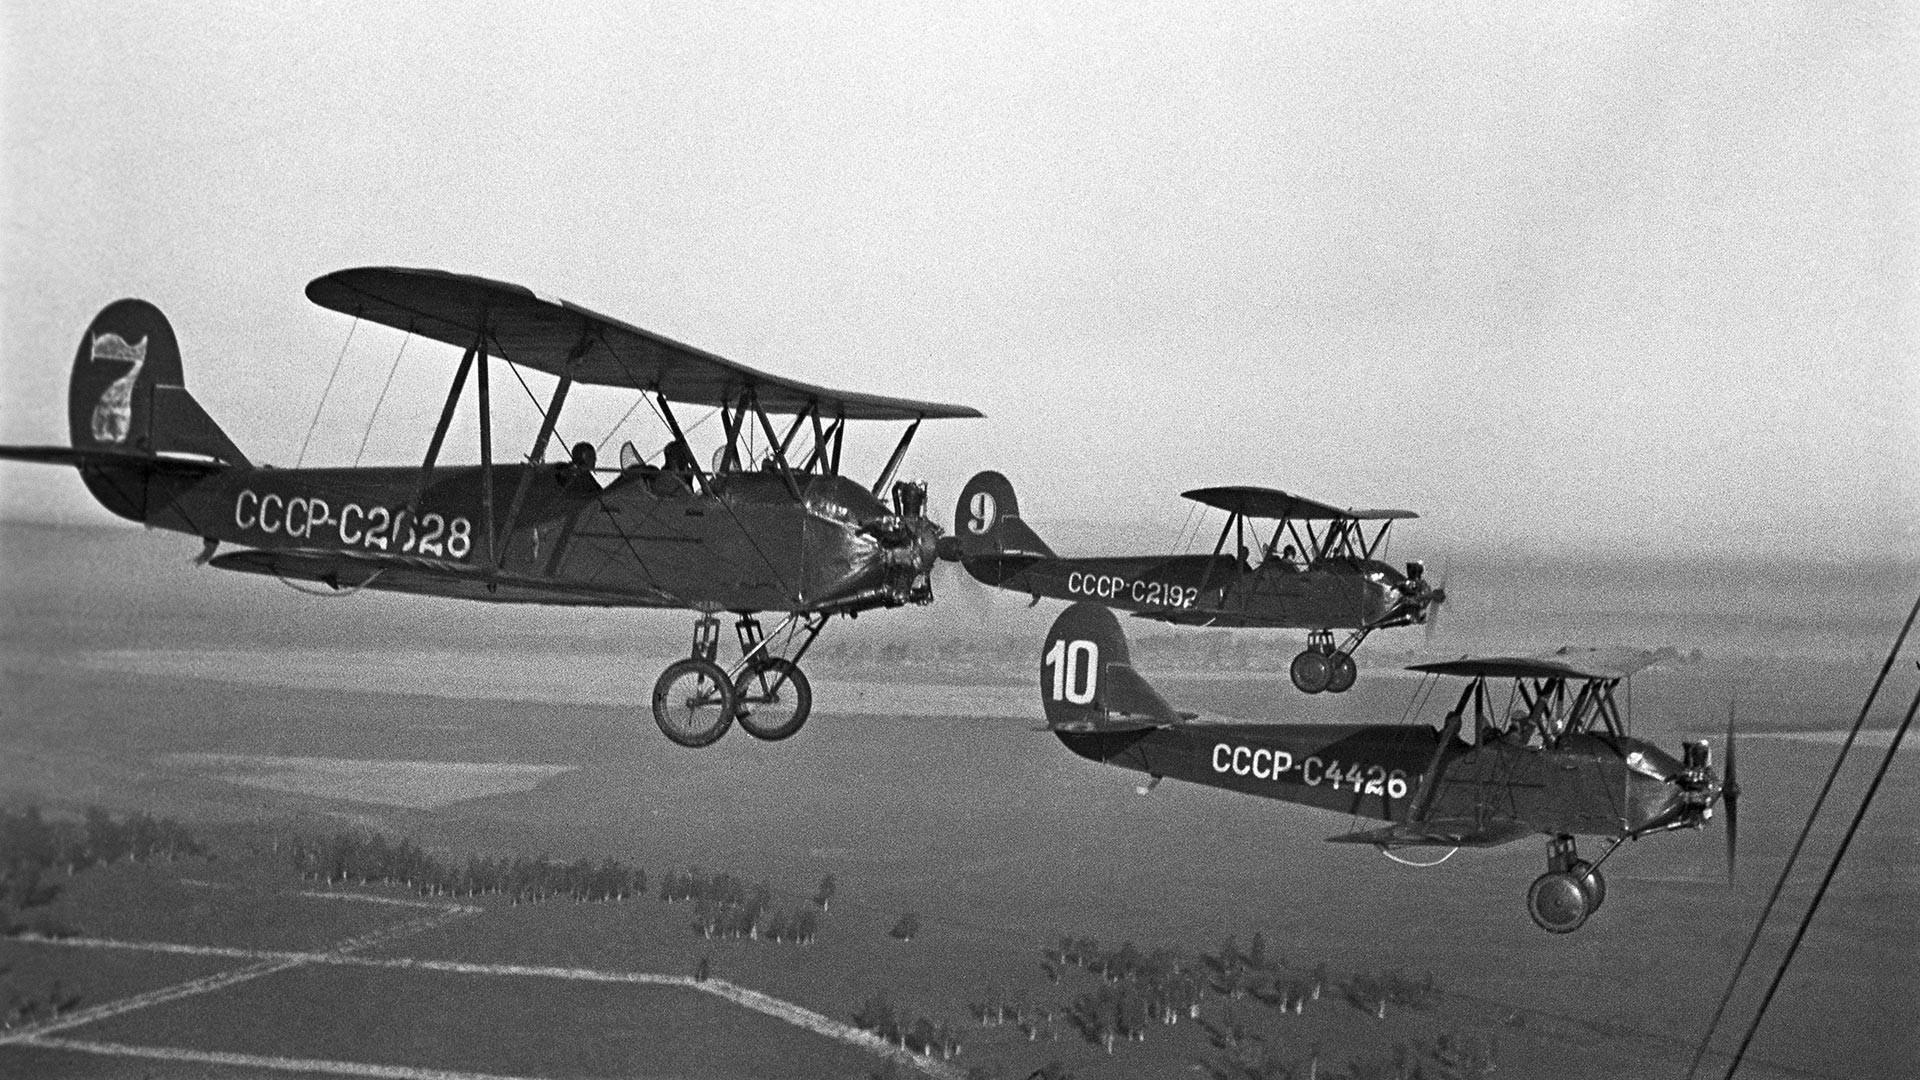 Градот Горки (денешен Нижни Новгород), аероклуб, 1940 година. Во воздухот се наоѓаат авиони У-2 за вежбање.